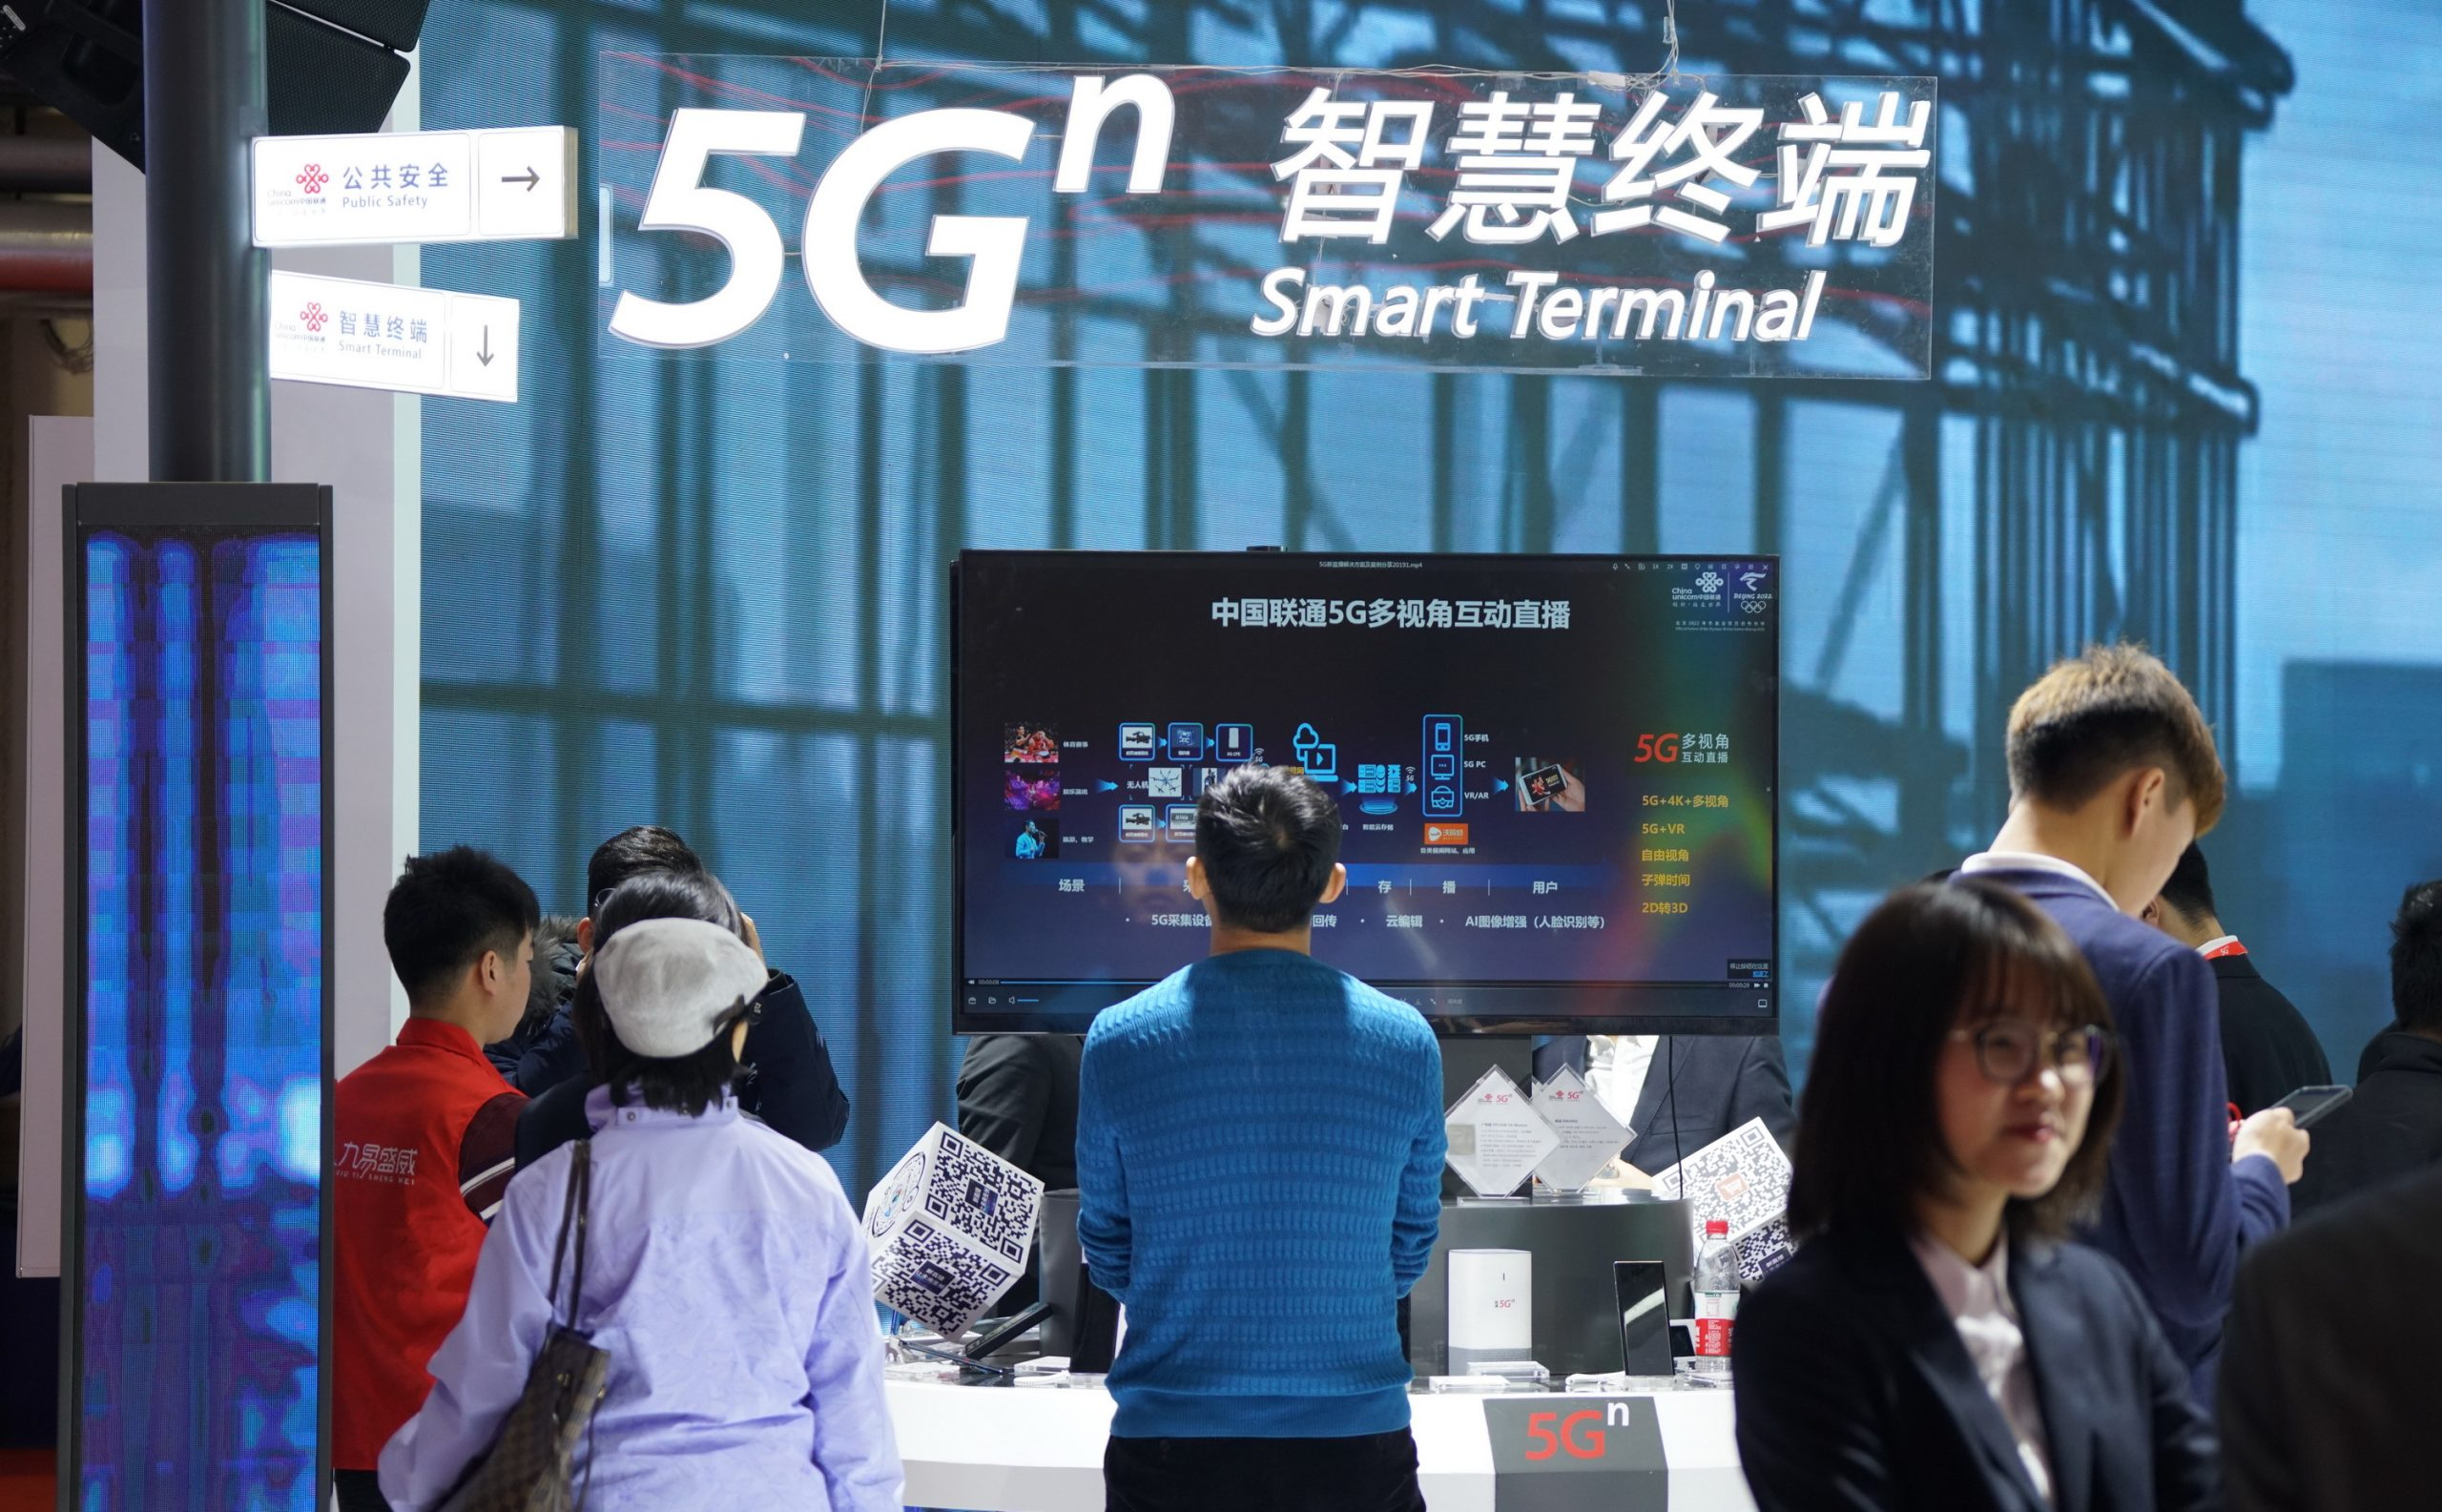 Envíos de teléfonos 5G de China ascienden a 163 millones de unidades en 2020